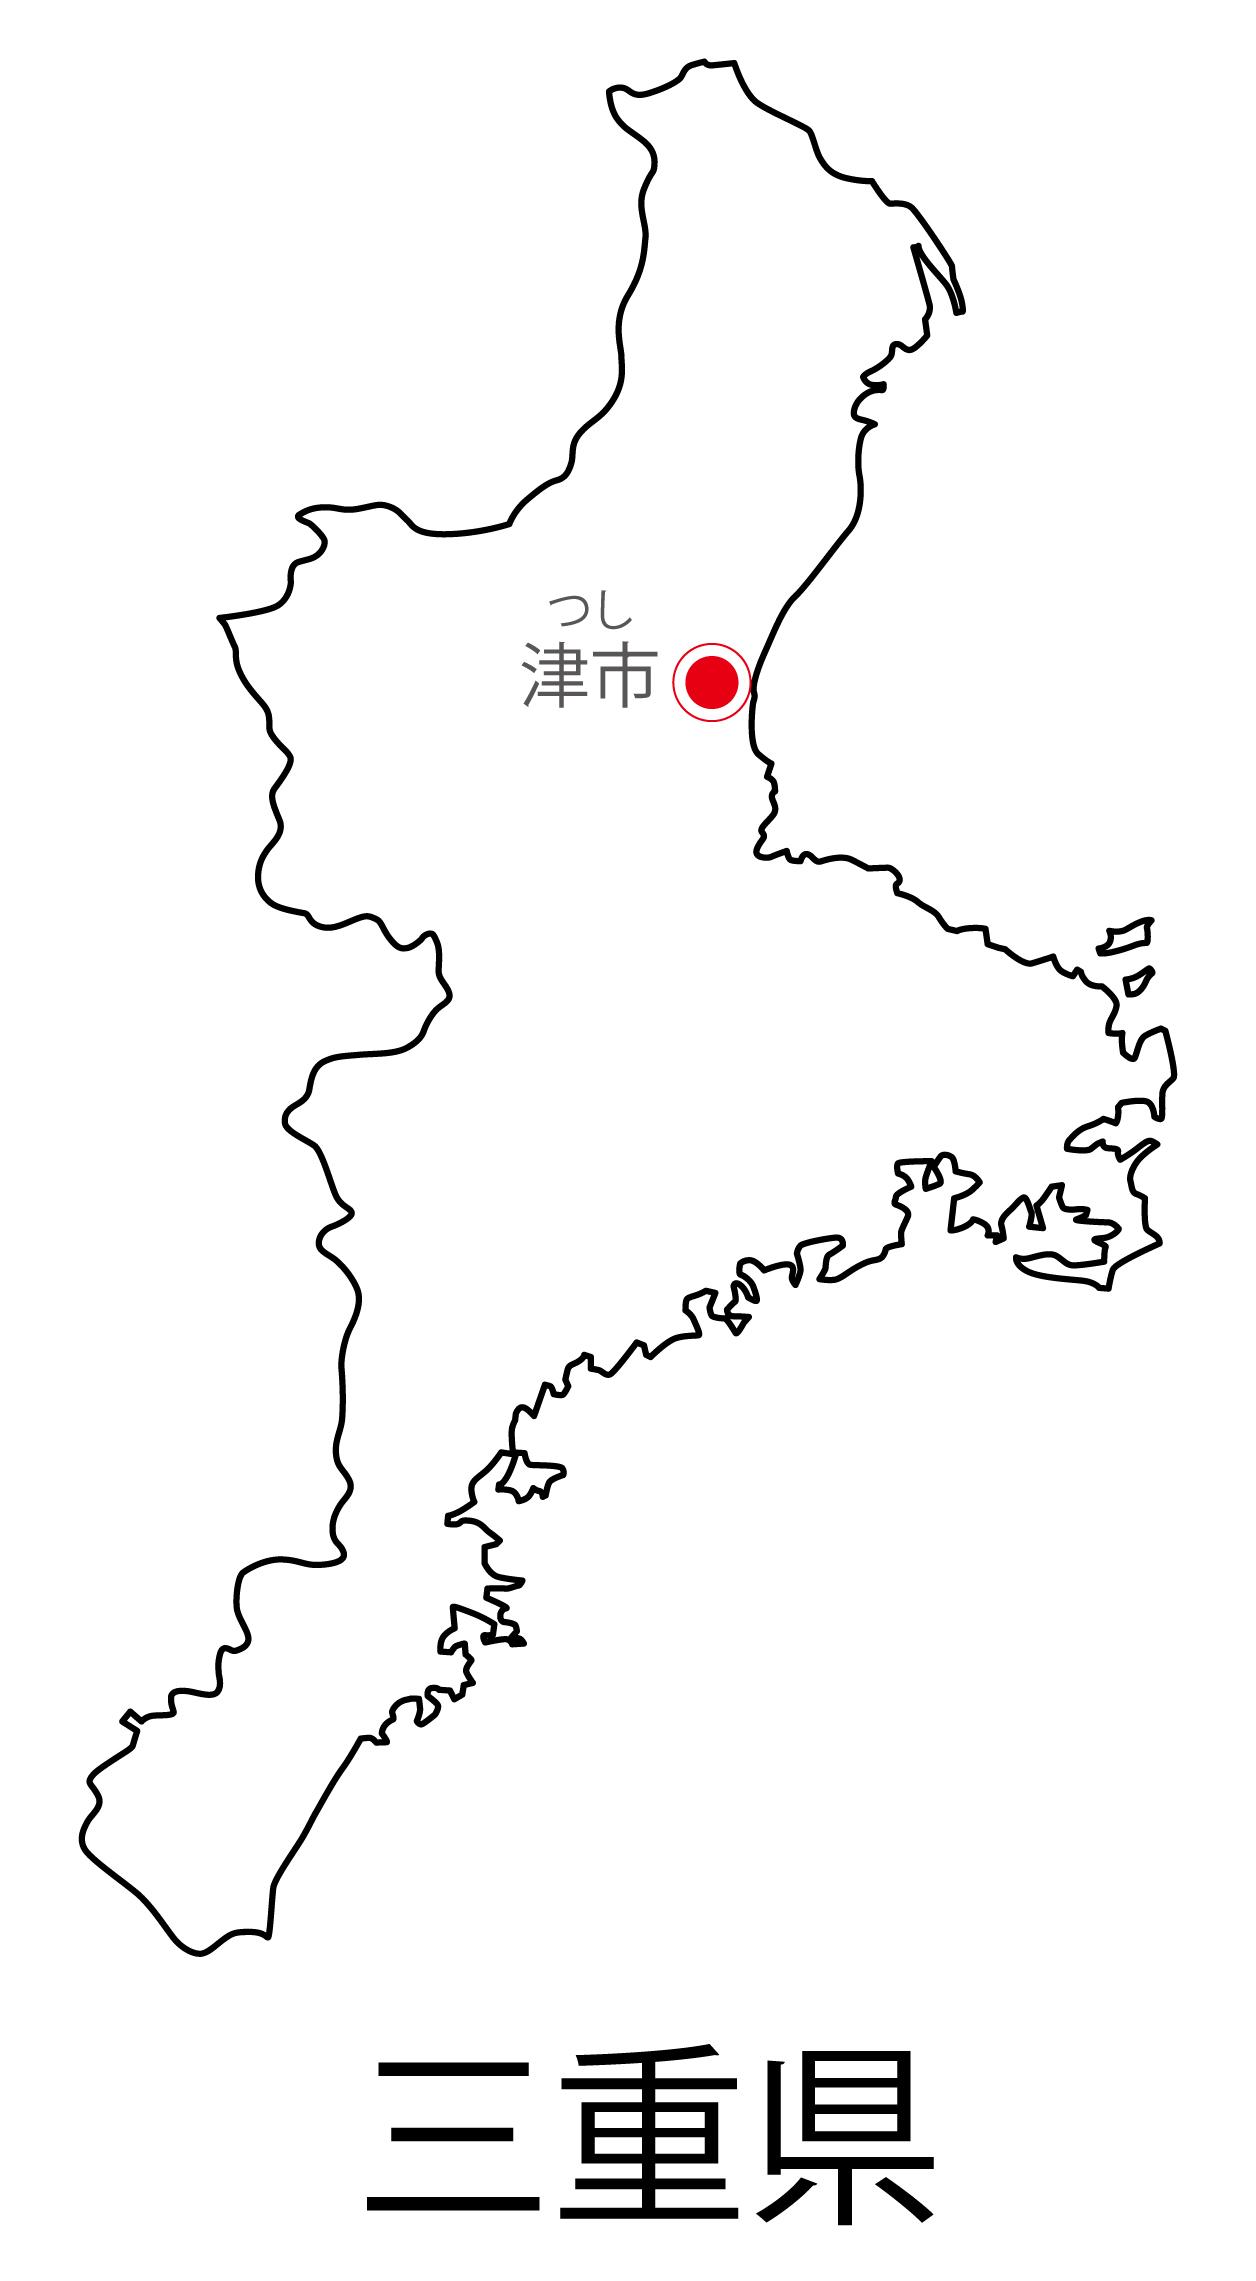 三重県無料フリーイラスト|日本語・都道府県名あり・県庁所在地あり・ルビあり(白)